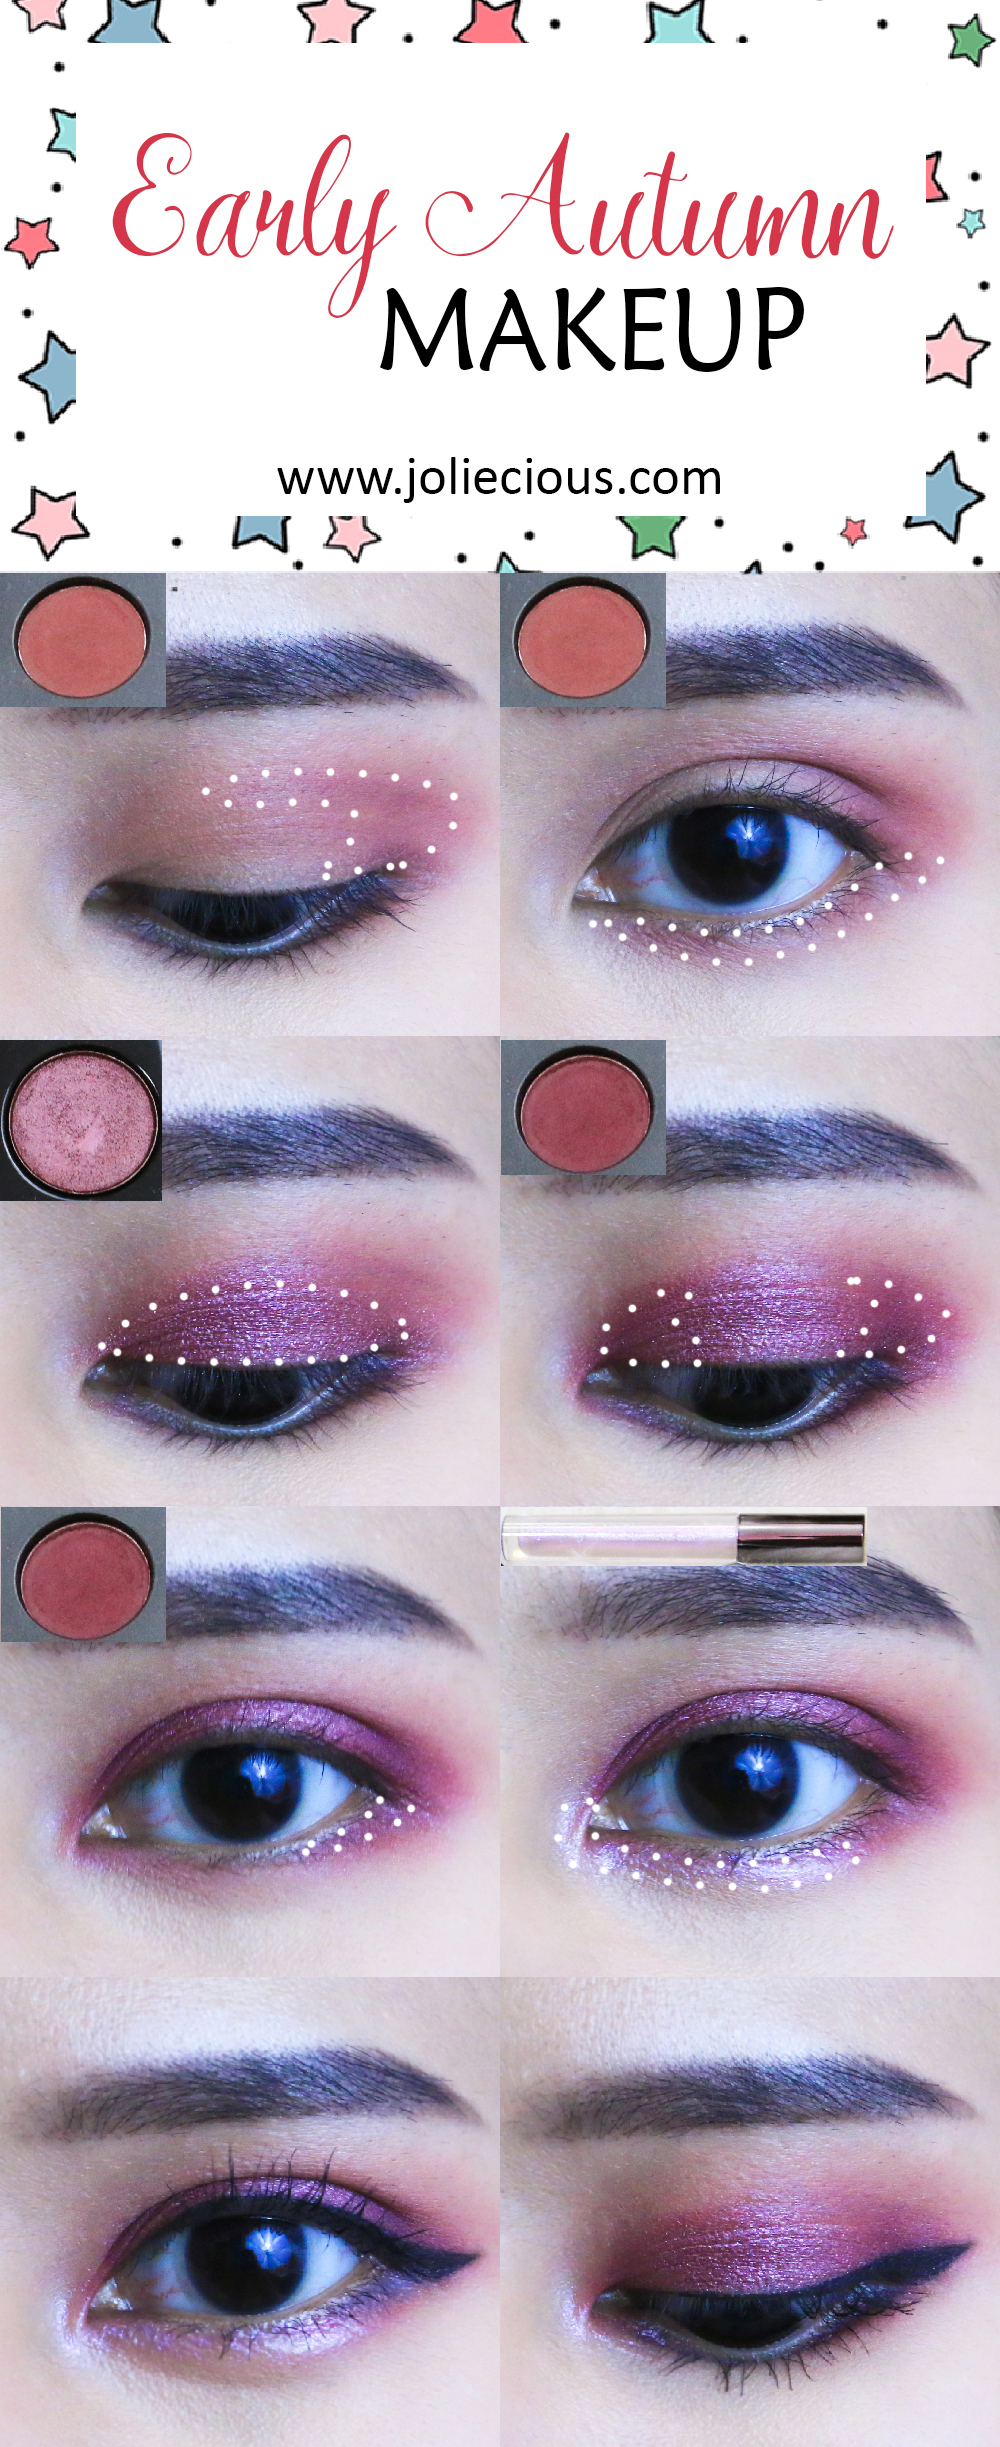 Joliecious-Early Autumn Makeup Tutorial